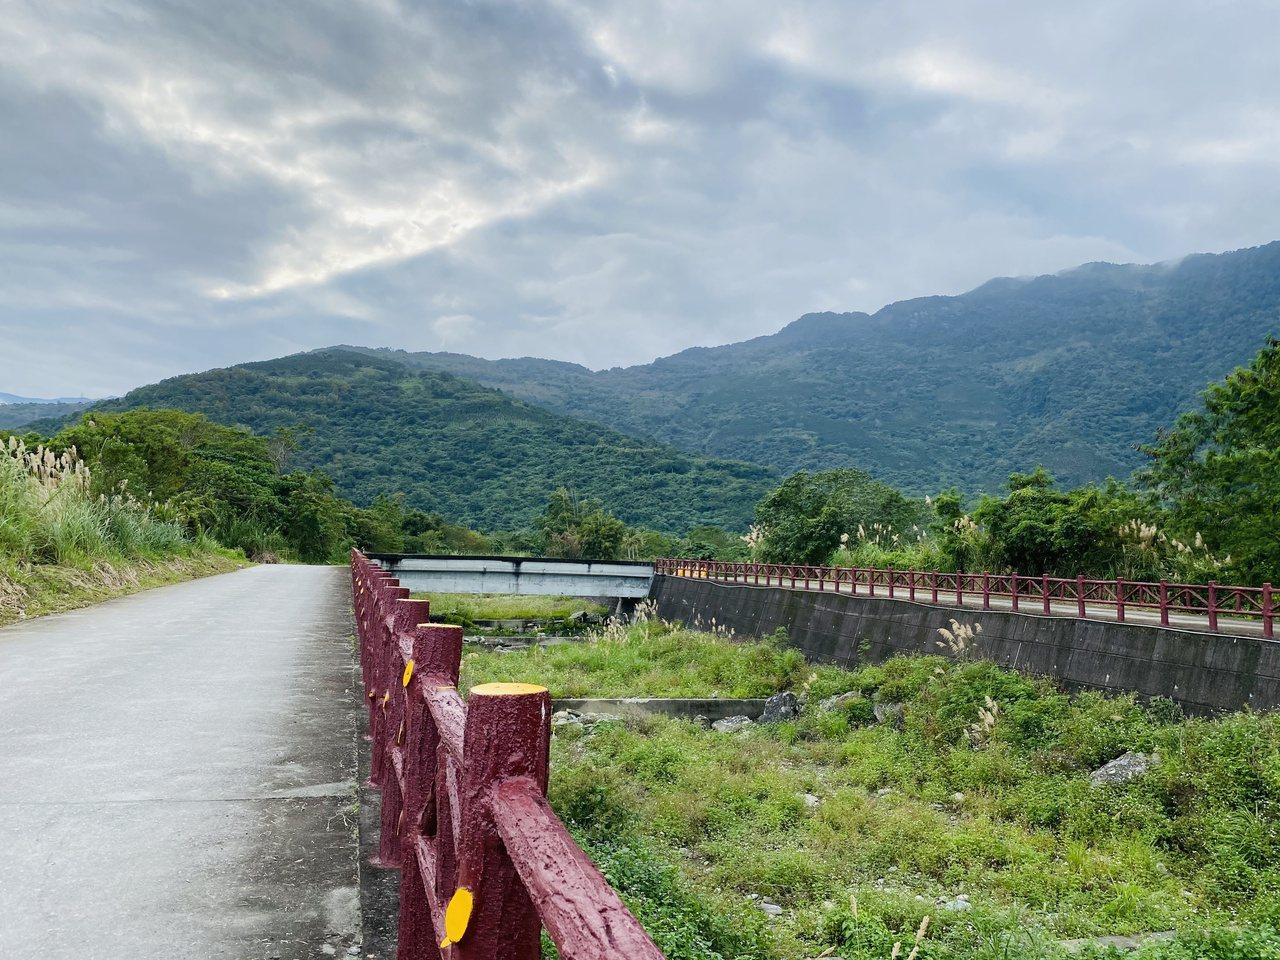 花蓮壽豐環鄉自行車道沿途盡是村野風光,享受無人車的寧靜。 圖/王思慧 攝影